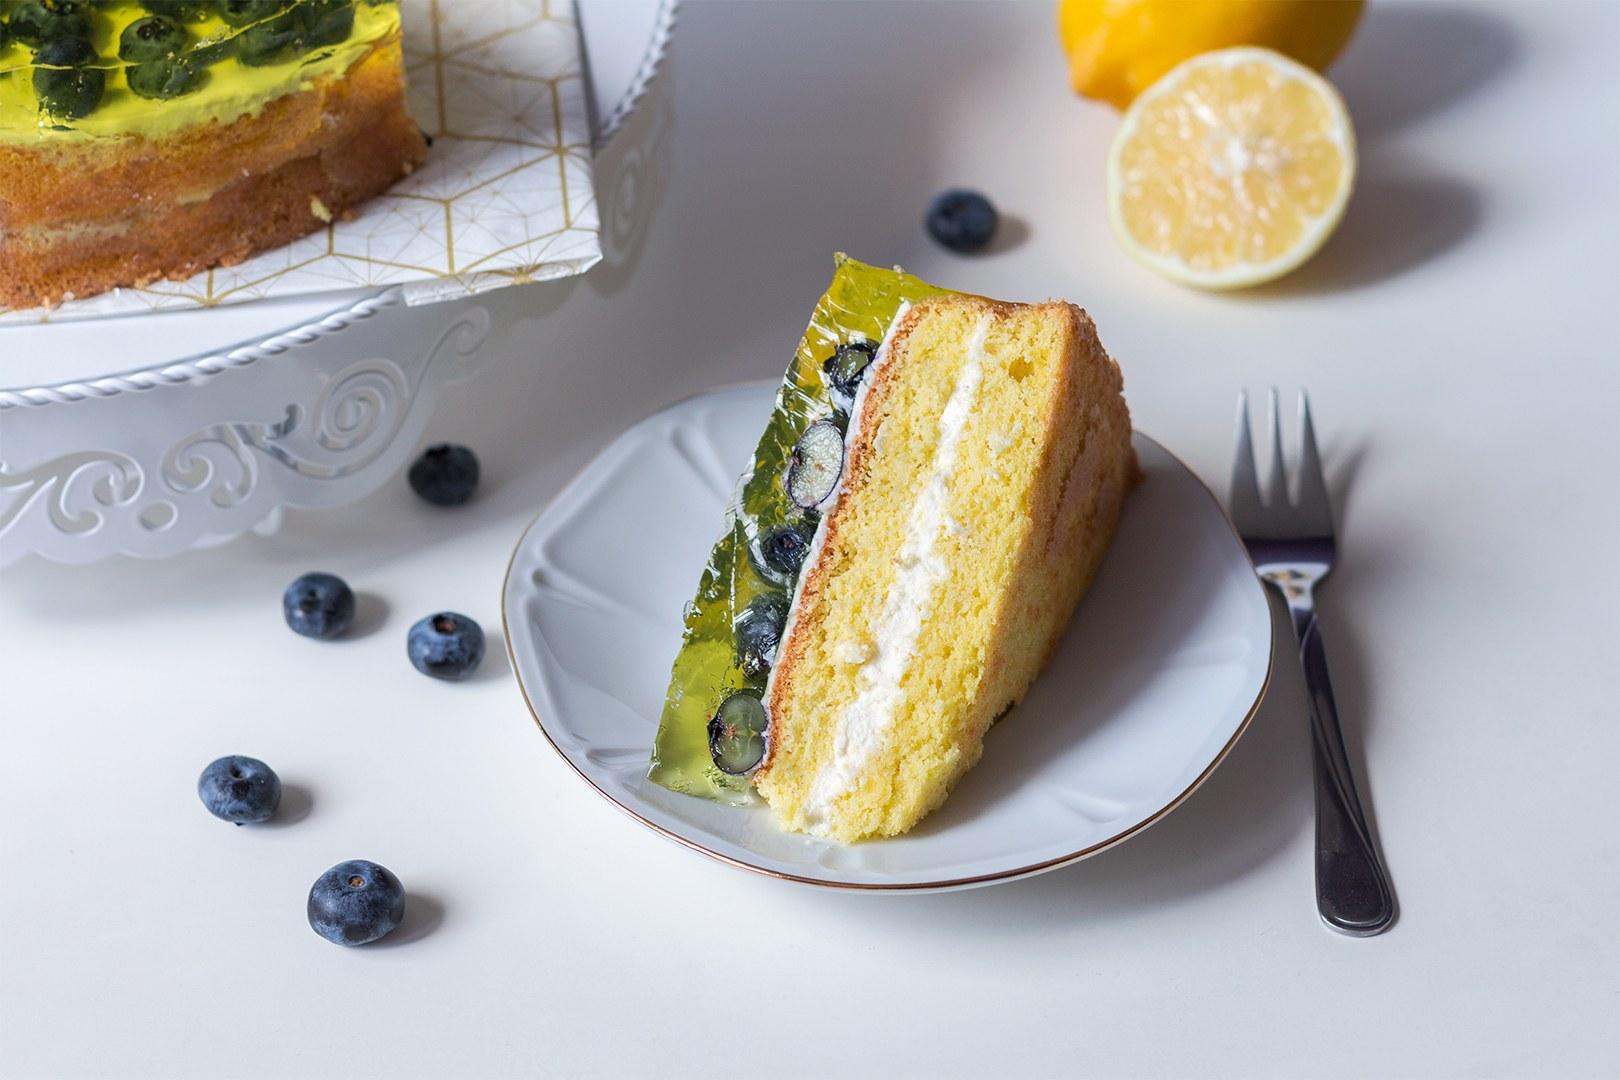 Descubre la receta de un refrescante bizcocho de mascarpone con un limón ligeramente agrio, quebrado con arándanos dulces.  Esta es una idea original para un pastel elegante para invitados: se ve muy bien en la mesa ... ¡y sabe muy bien!  Para hacer la receta utilicé un bizcocho desmontable Florina Likoris de 26 cm con fondo desmontable.  El pastel de limón y arándanos queda genial en el soporte metálico para pasteles Birmann Cake Couture, y sabe aún mejor en el plato de porcelana Mariapaula de la línea Gold Geometry.